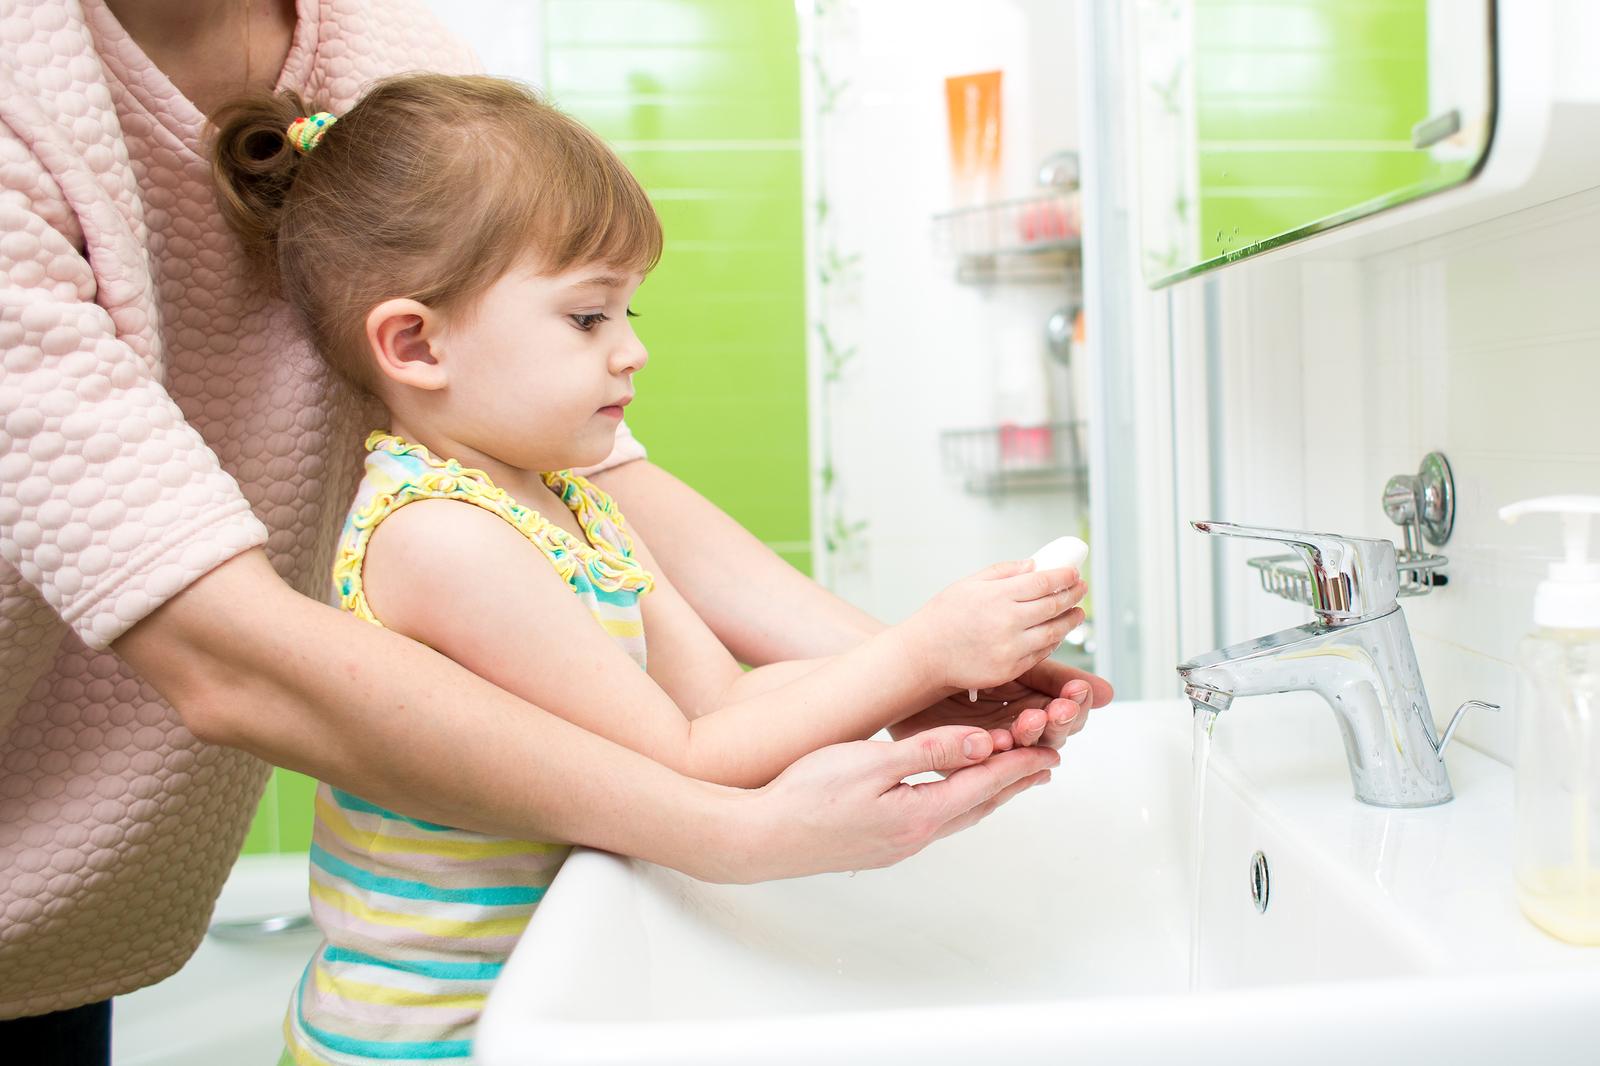 Cha mẹ khuyến khích, hướng dẫn trẻ rửa tay thường xuyên với xà phòng để phòng tránh bệnh tay chân miệng